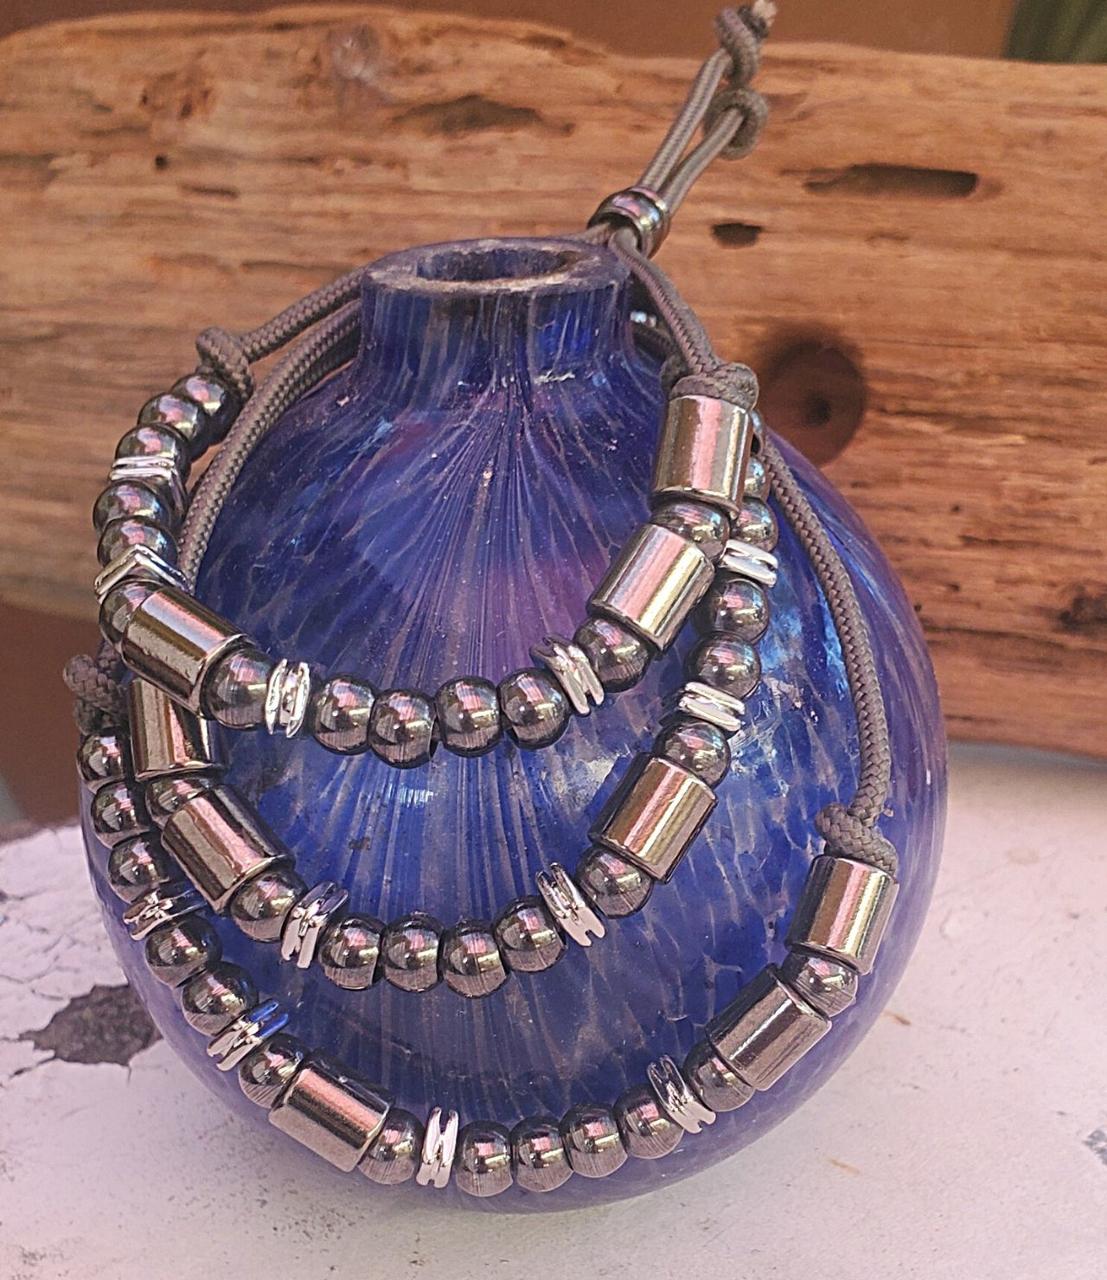 3 stacked black Morse code bracelets on blue vase